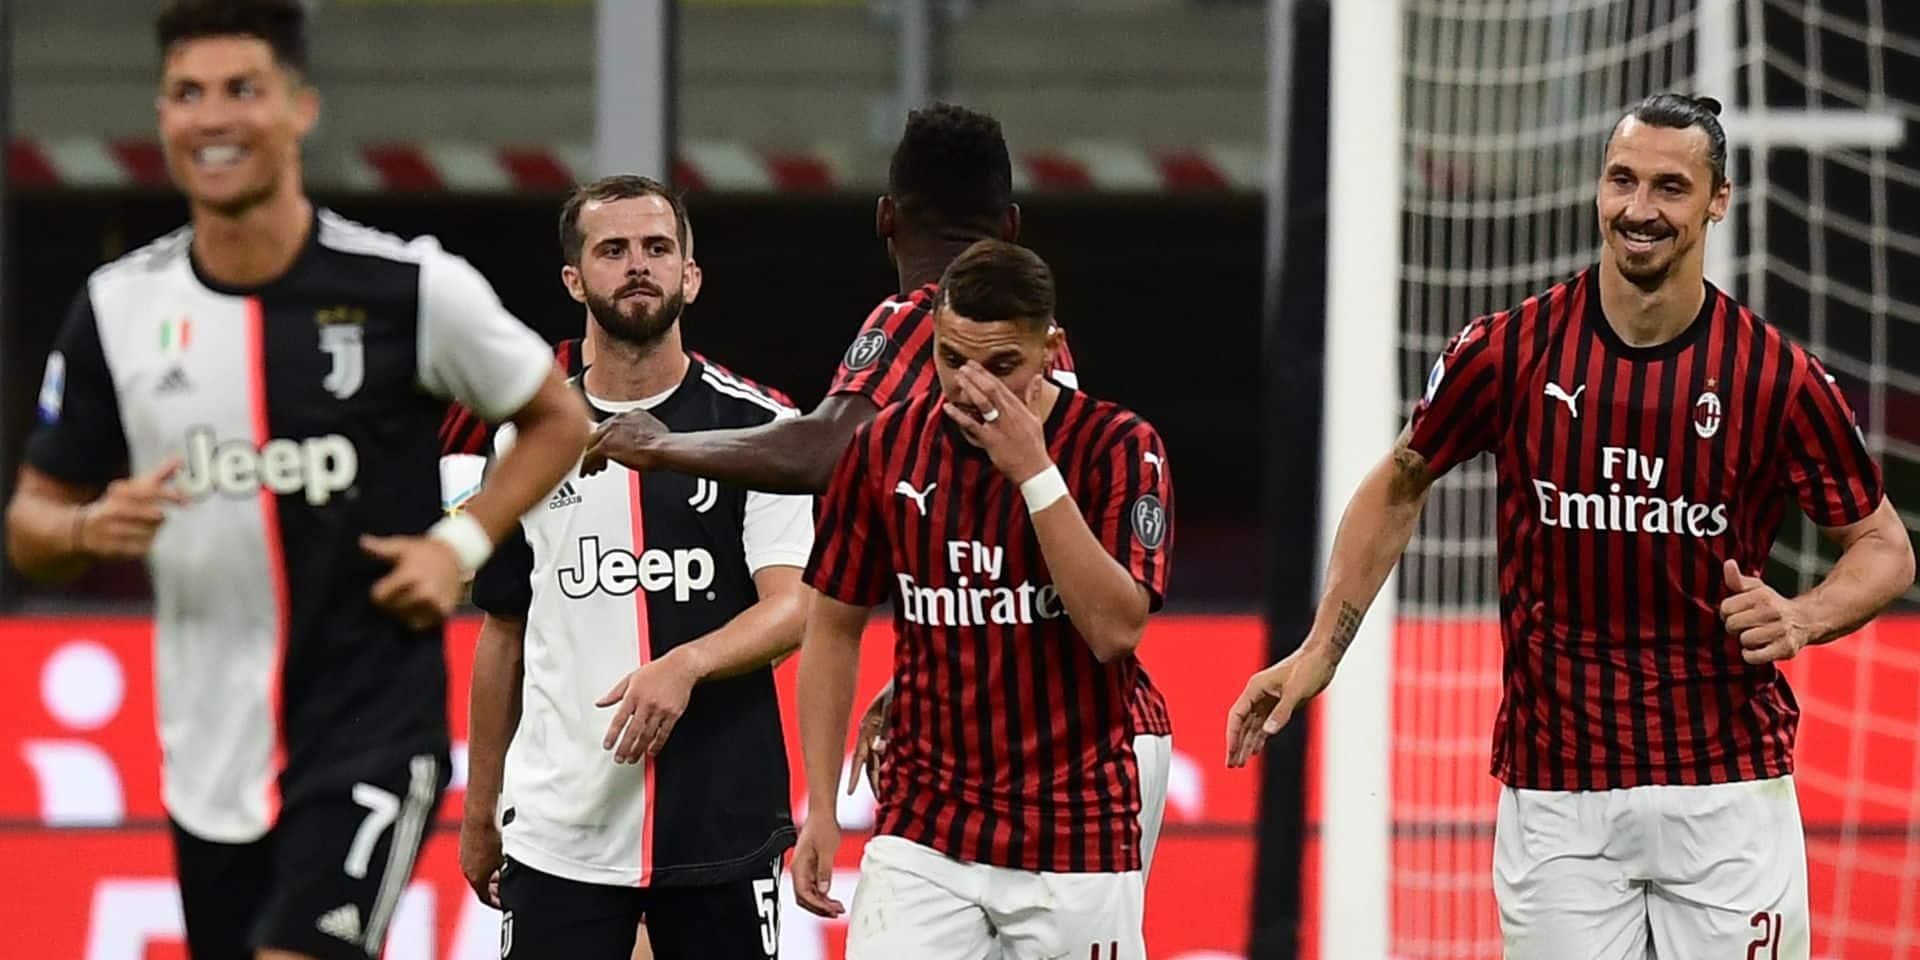 Mené 0-2, le Milan parvient à renverser la Juve dans un match totalement fou (4-2)